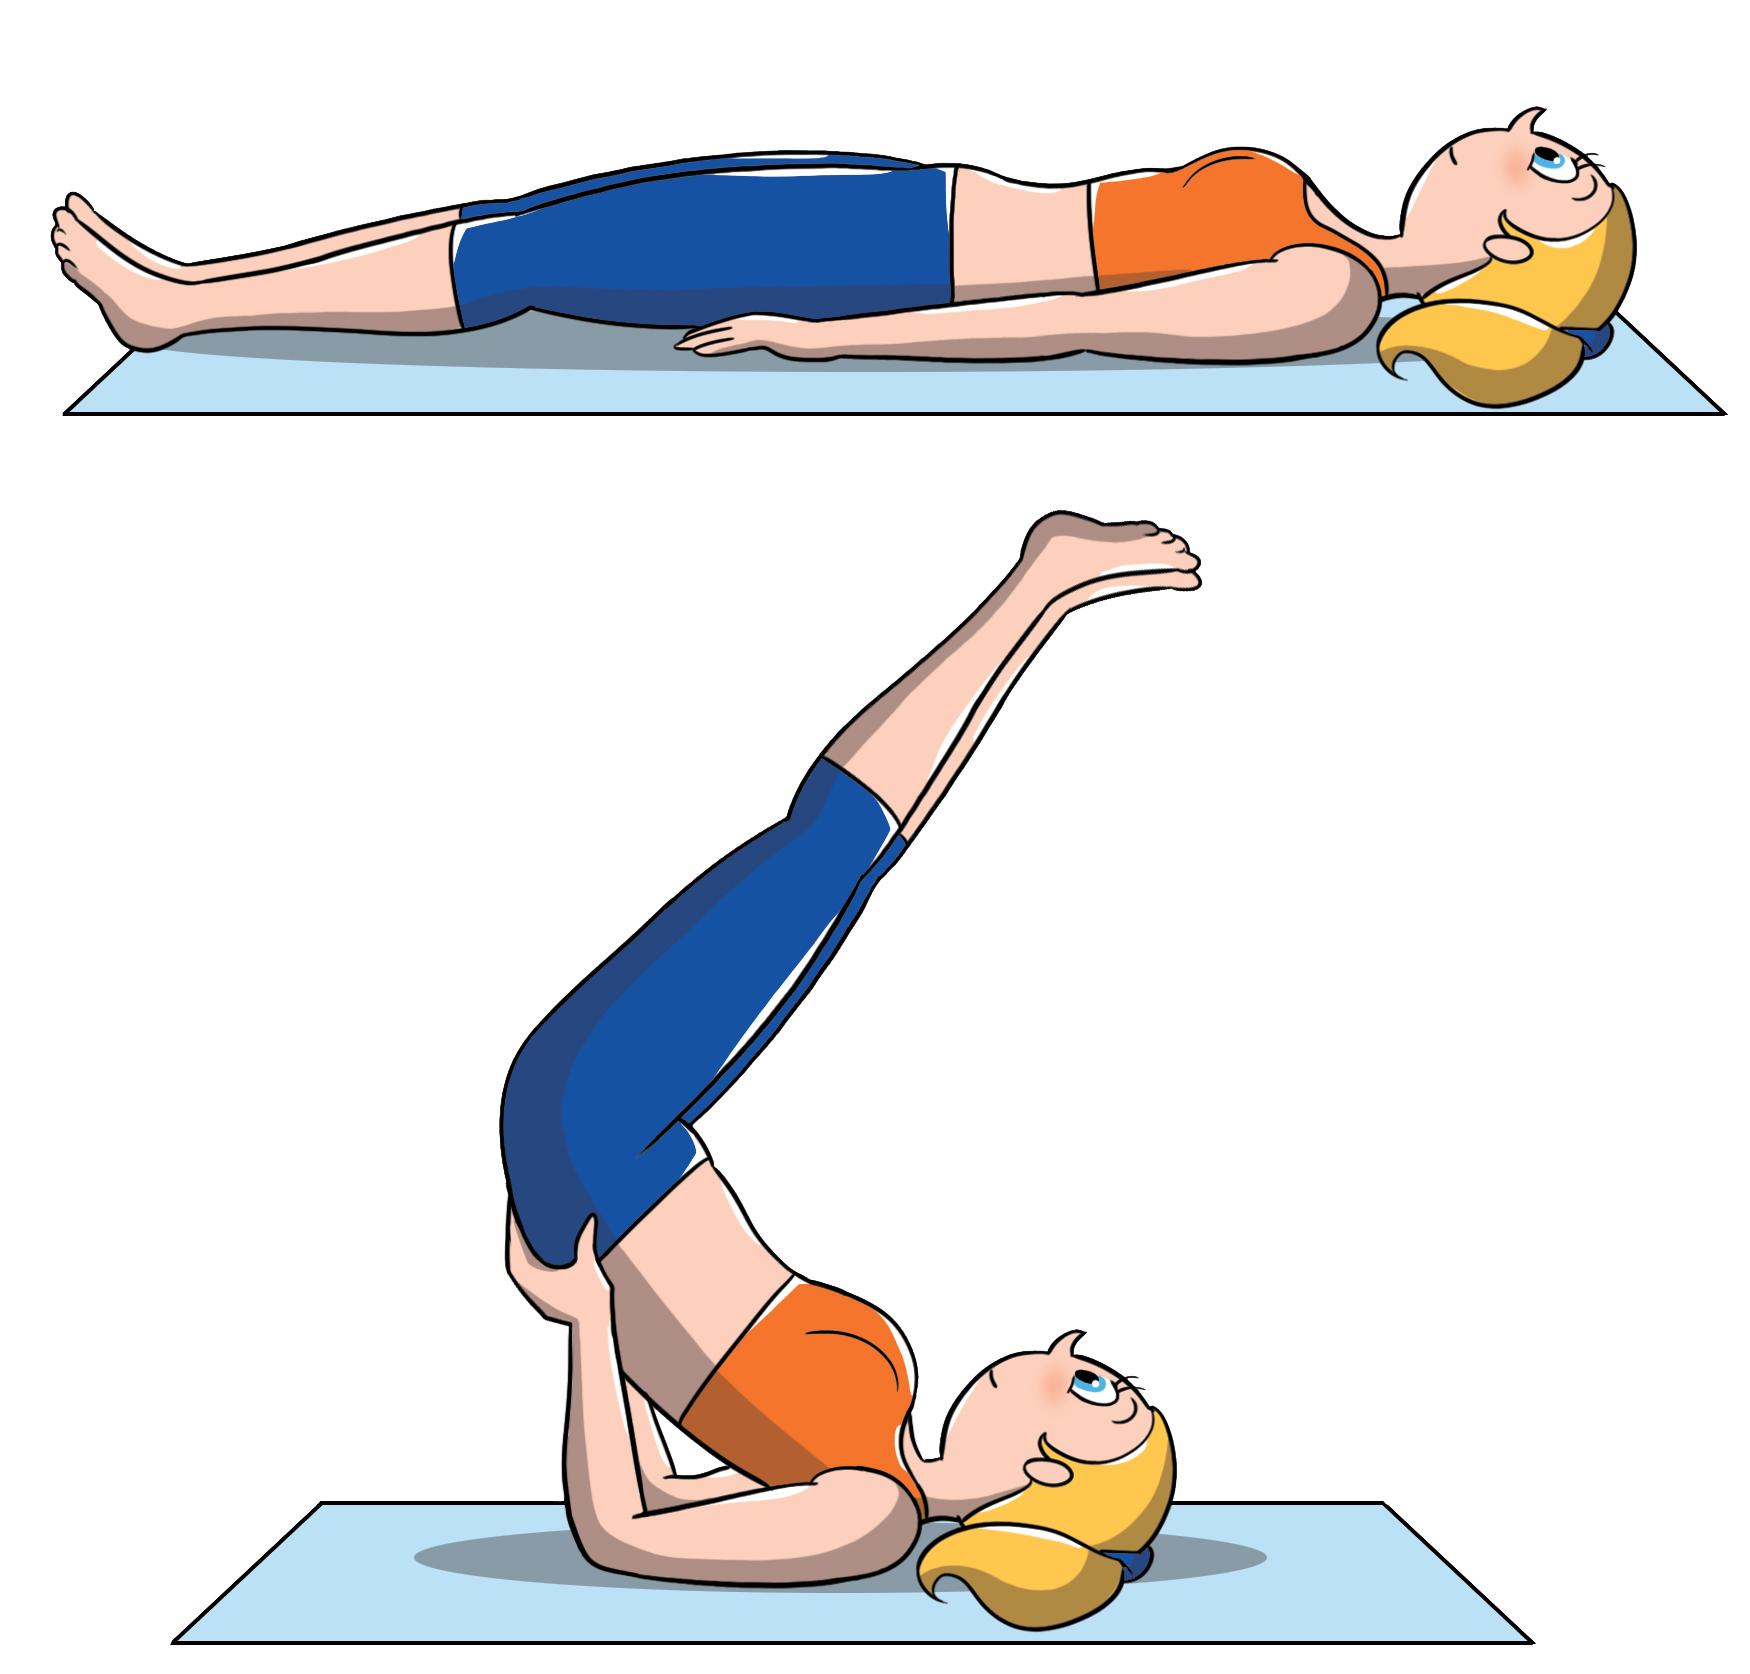 posizioni yoga intermedio: semicapovolta